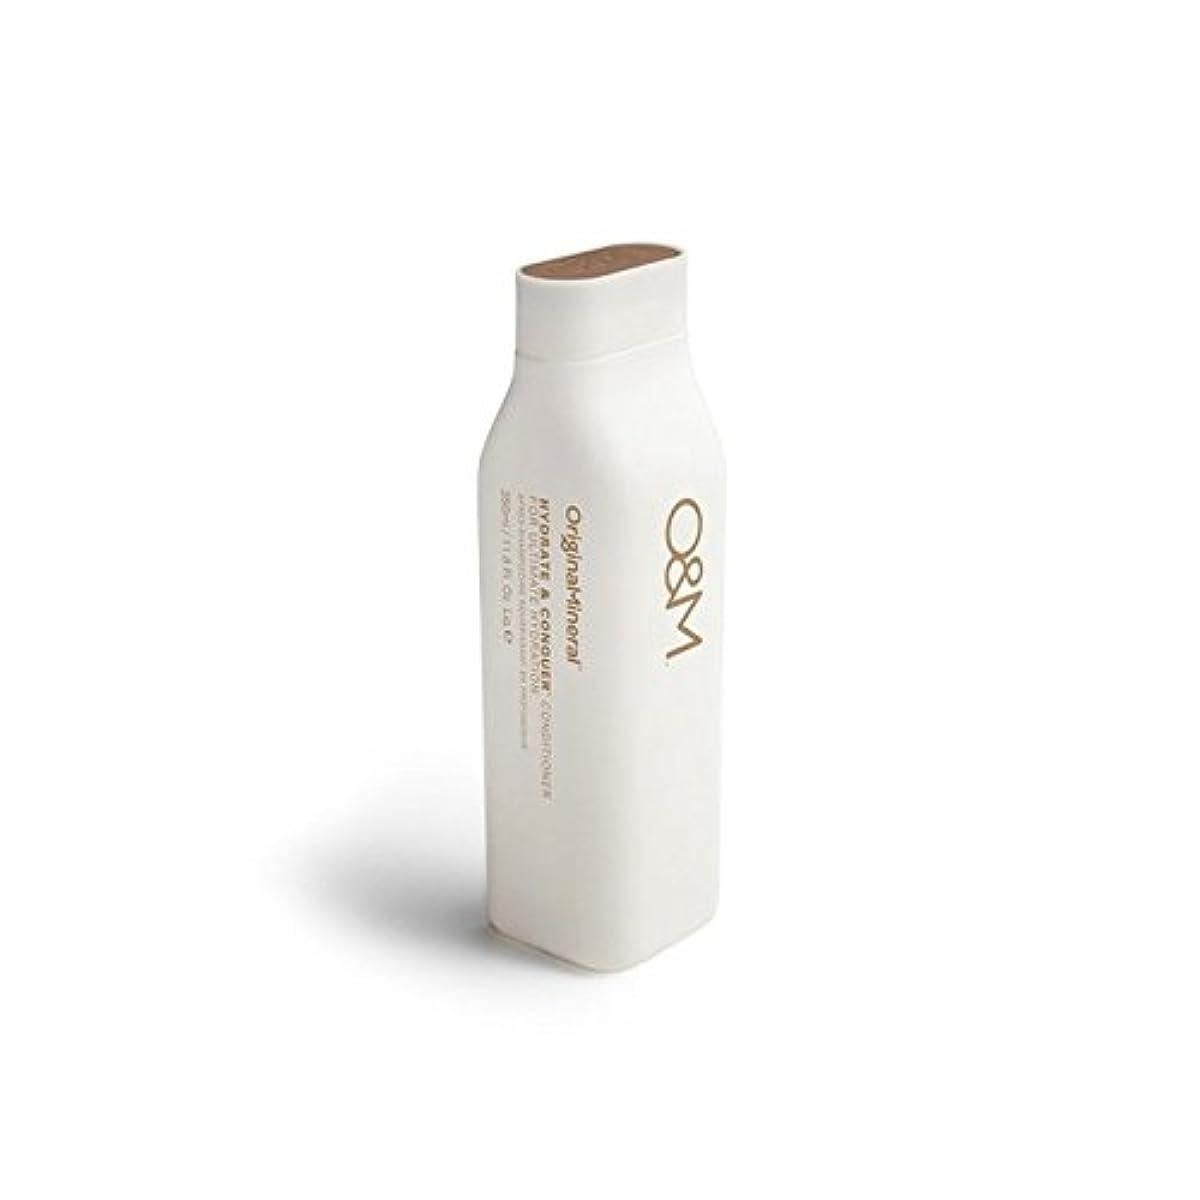 道路を作るプロセス非行勇者オリジナル&ミネラル水和物及びコンディショナー(350ミリリットル)を征服 x2 - Original & Mineral Hydrate And Conquer Conditioner (350ml) (Pack of 2) [並行輸入品]